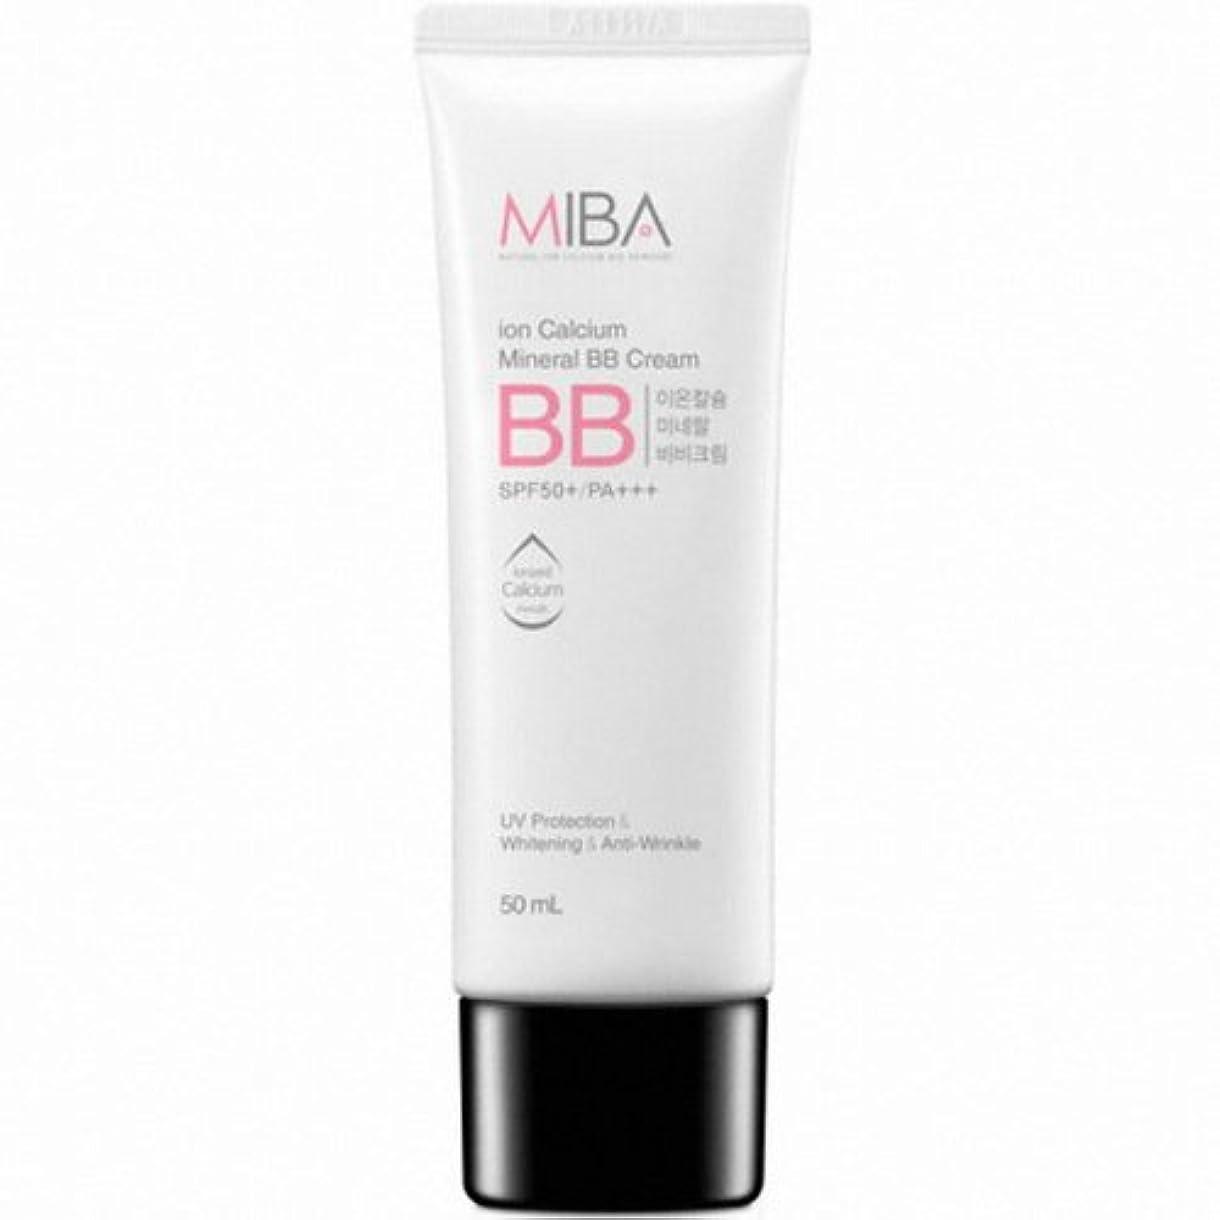 有効化ピース特殊MINERALBIO (ミネラルバイオ) ミバ イオン カルシウム ミネラル ビビクリーム / MIBA Ion Calcium Mineral BB Cream (50ml) [並行輸入品]